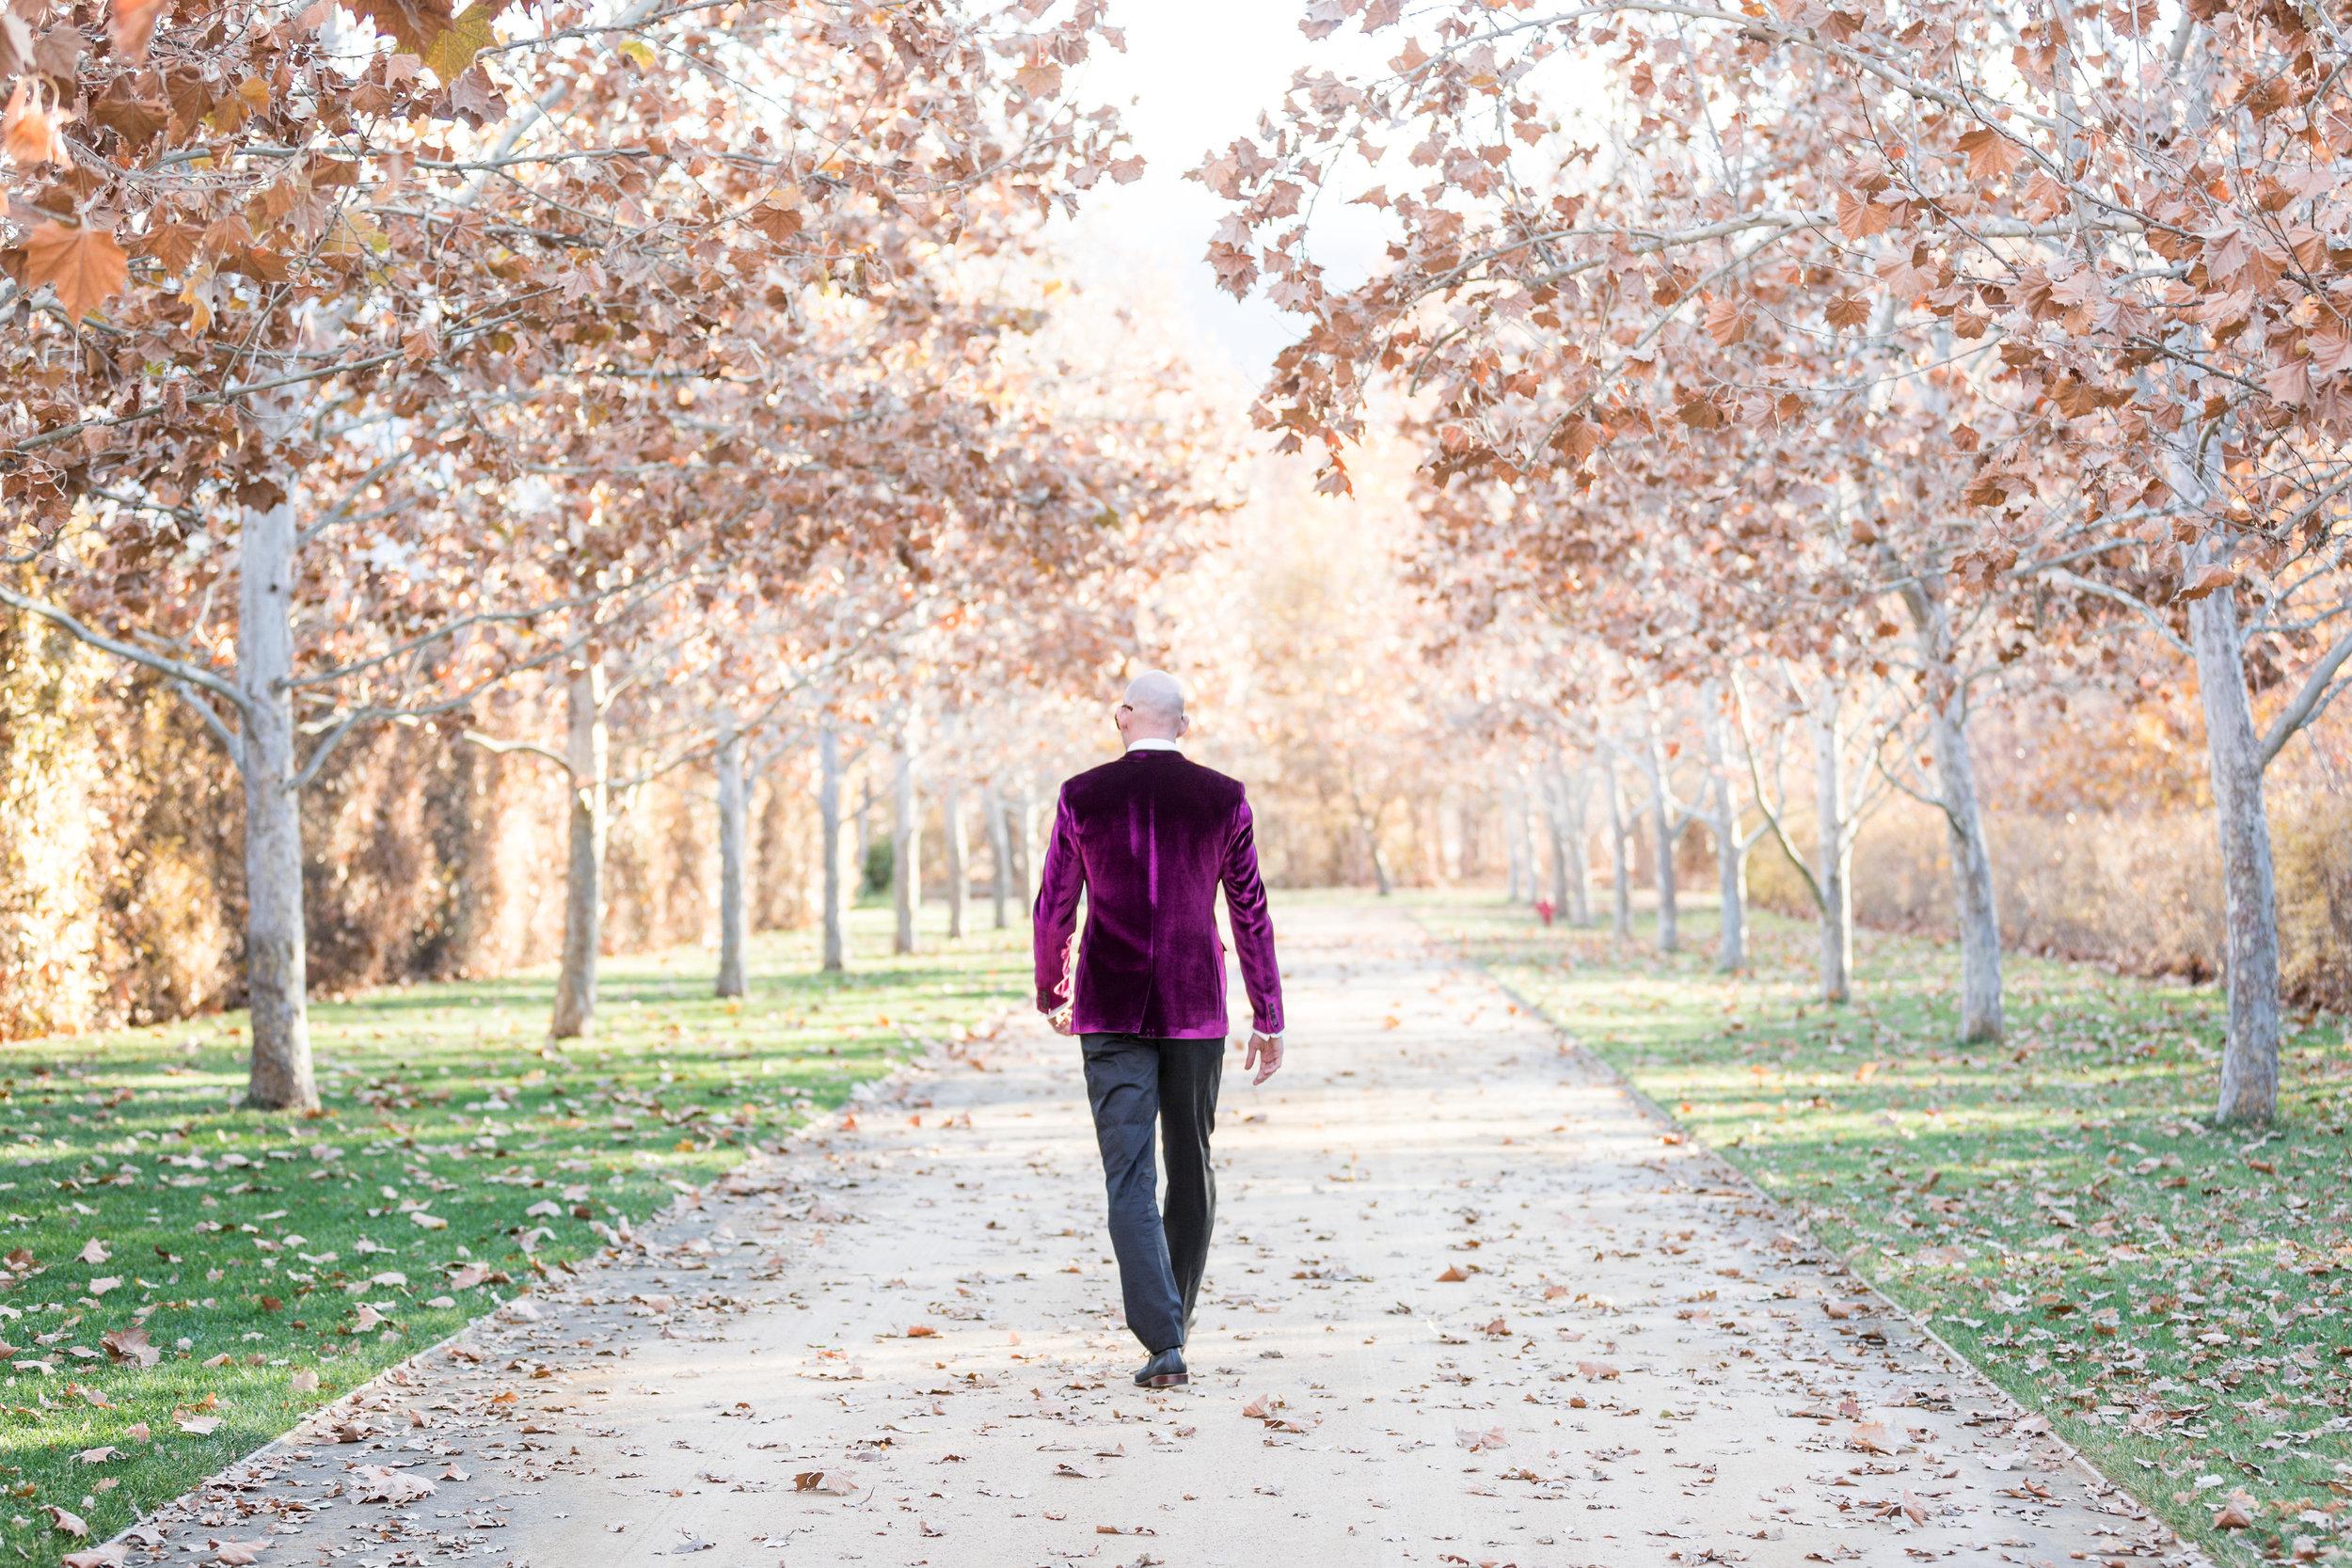 santa-barbara-elopement-wedding-planner-planning-elope-event-design-garden-kestrel-park-santa-ynez-field-maroon-velvet-coordinator-day-of-winter-estate-fall (7).jpg